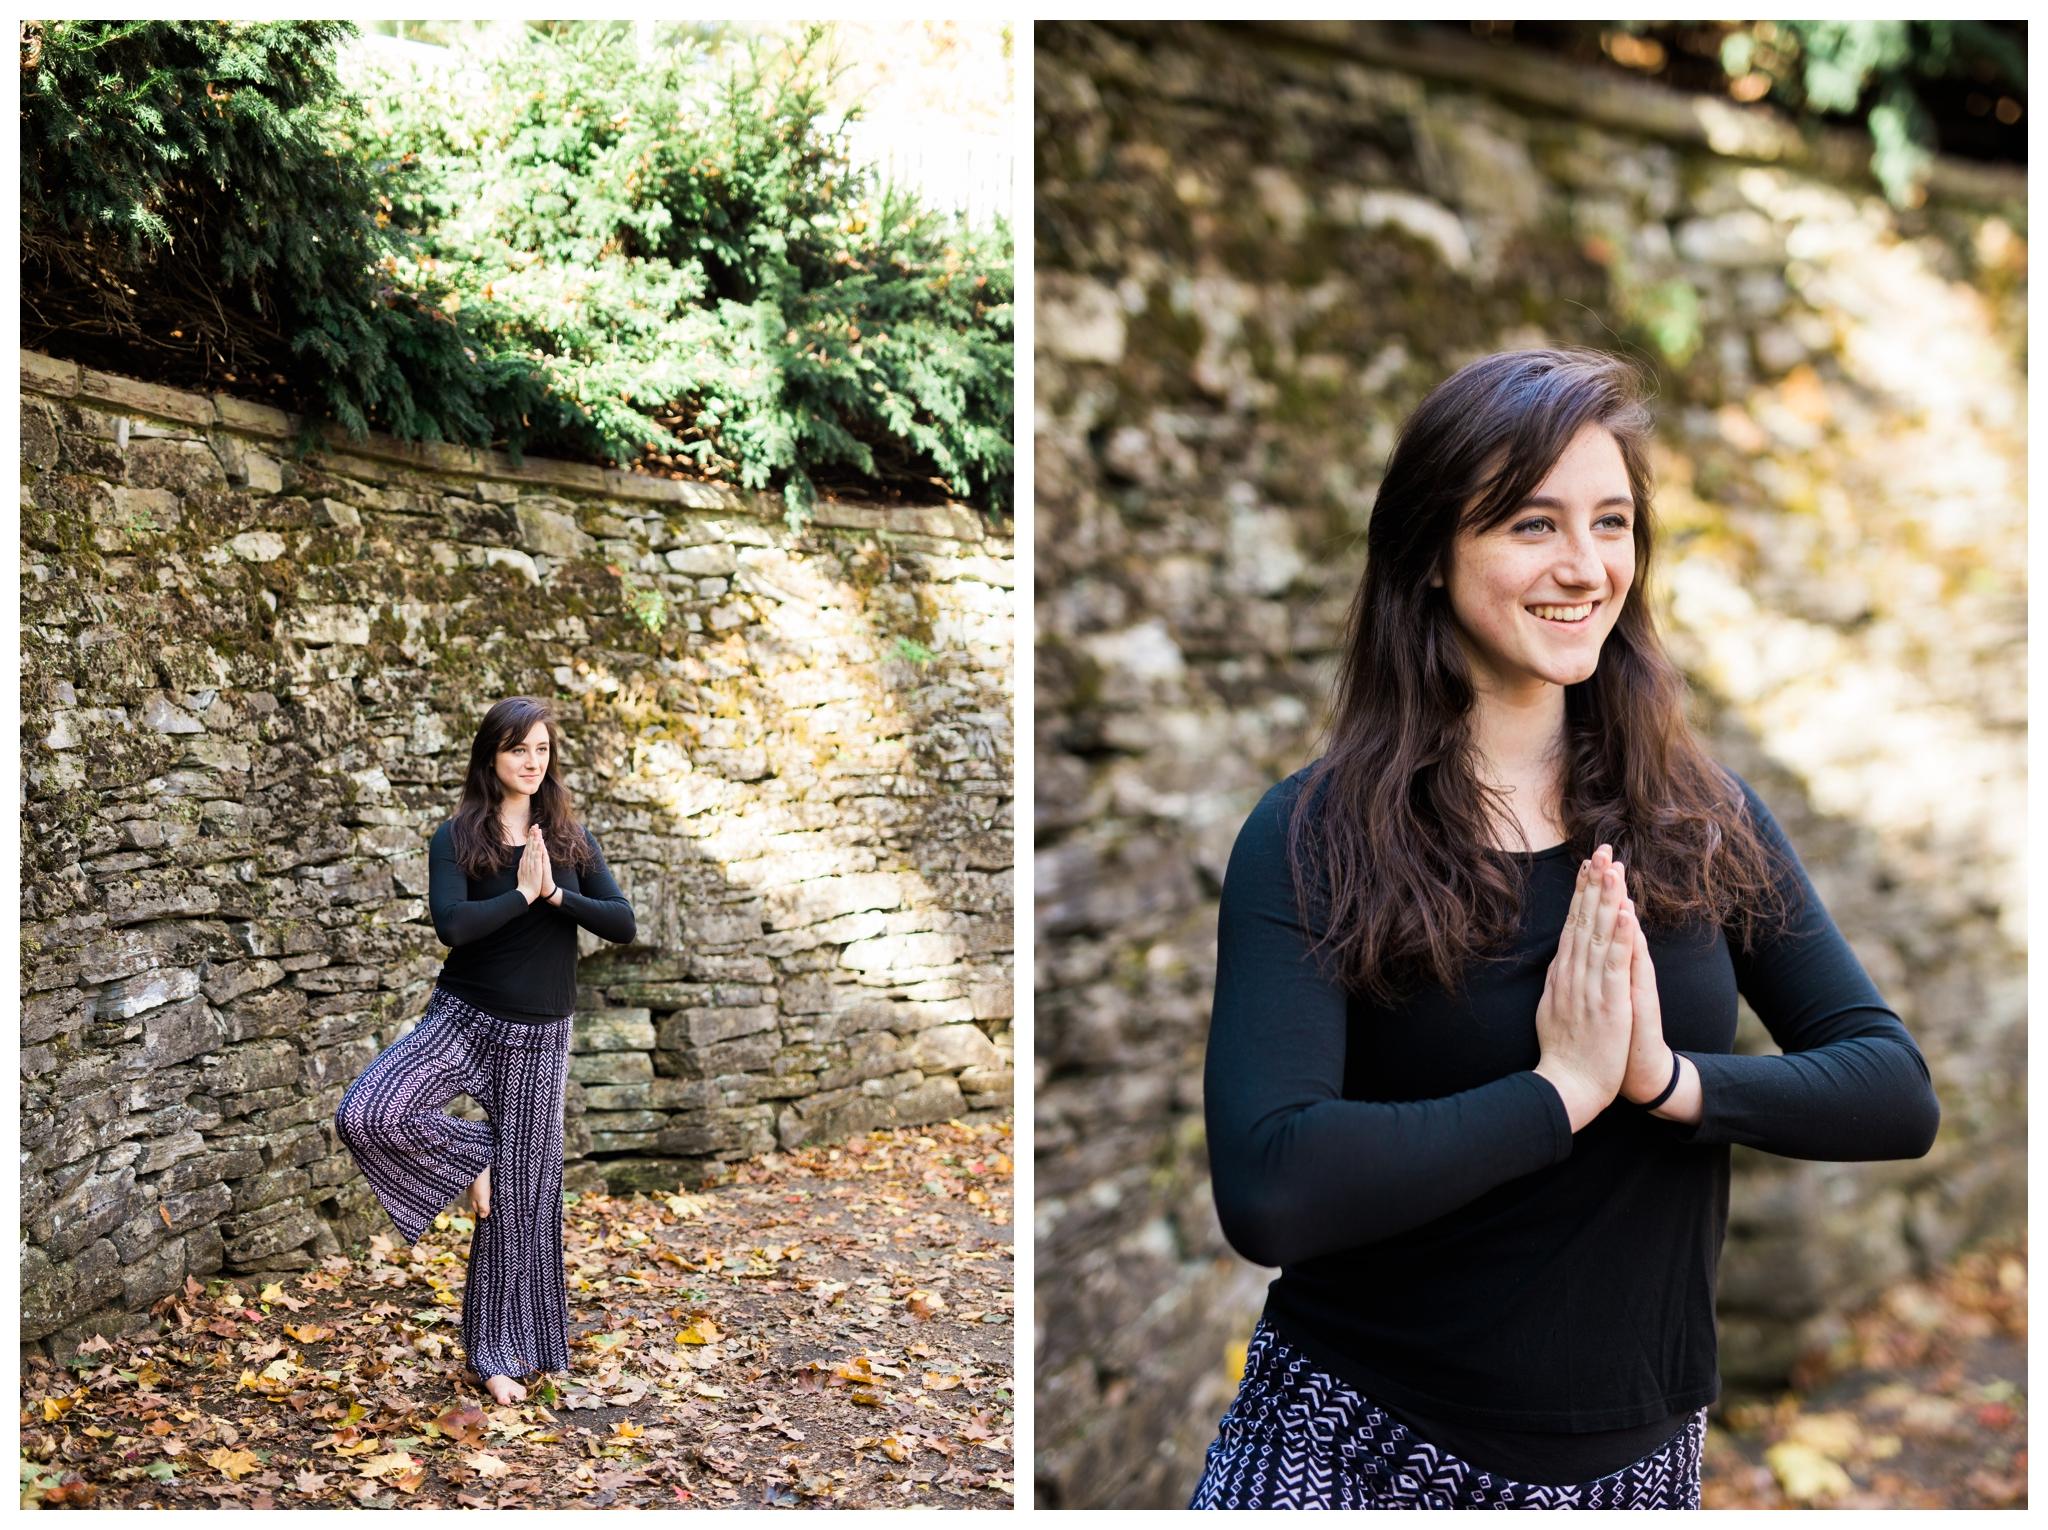 lancaster-senior-portrait-photographer_0007.jpg